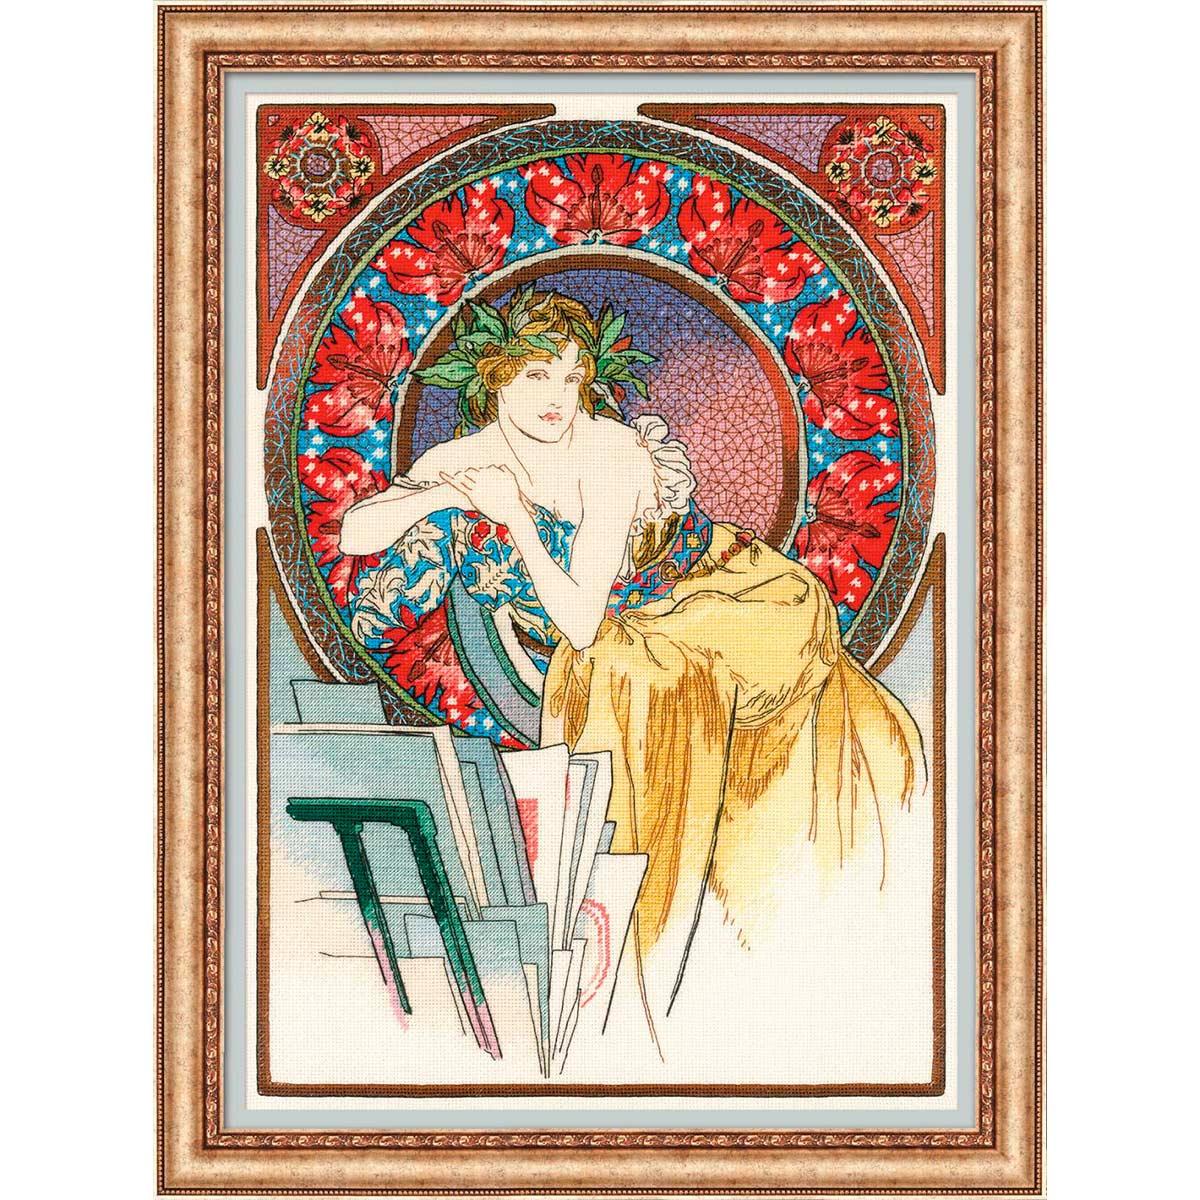 100/058 Набор для вышивания Риолис 'Девушка с мольбертом» по мотивам произведения А. Мухи'28*40 см